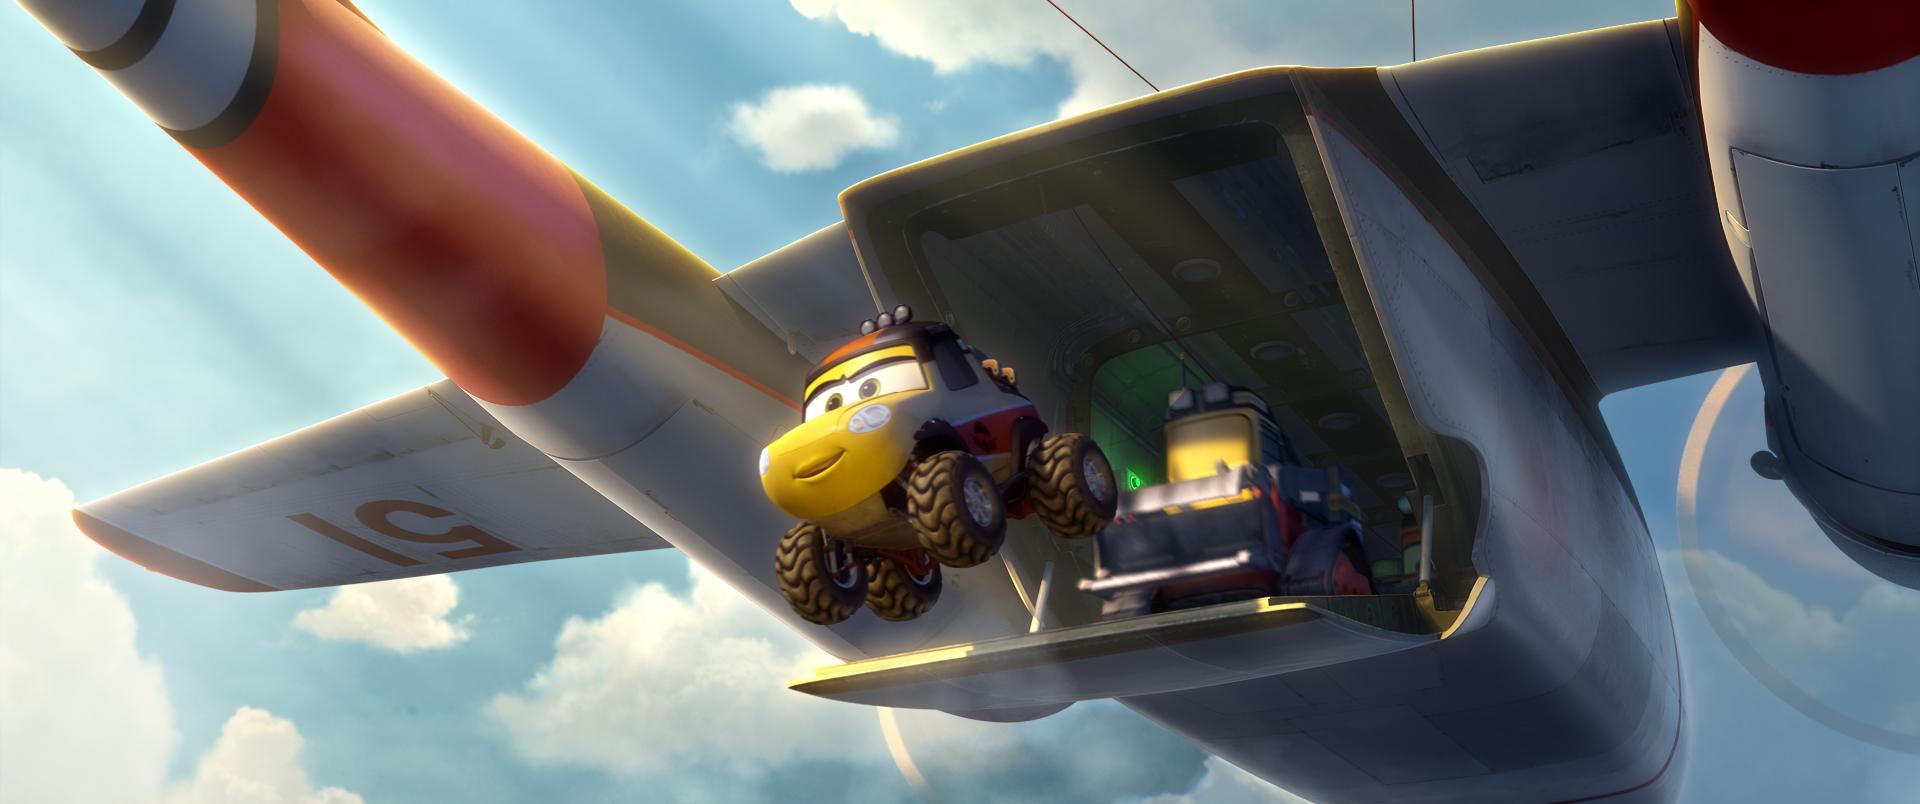 Planes 2 - Missione Antincendio: una colorata immagine del film d'animazione